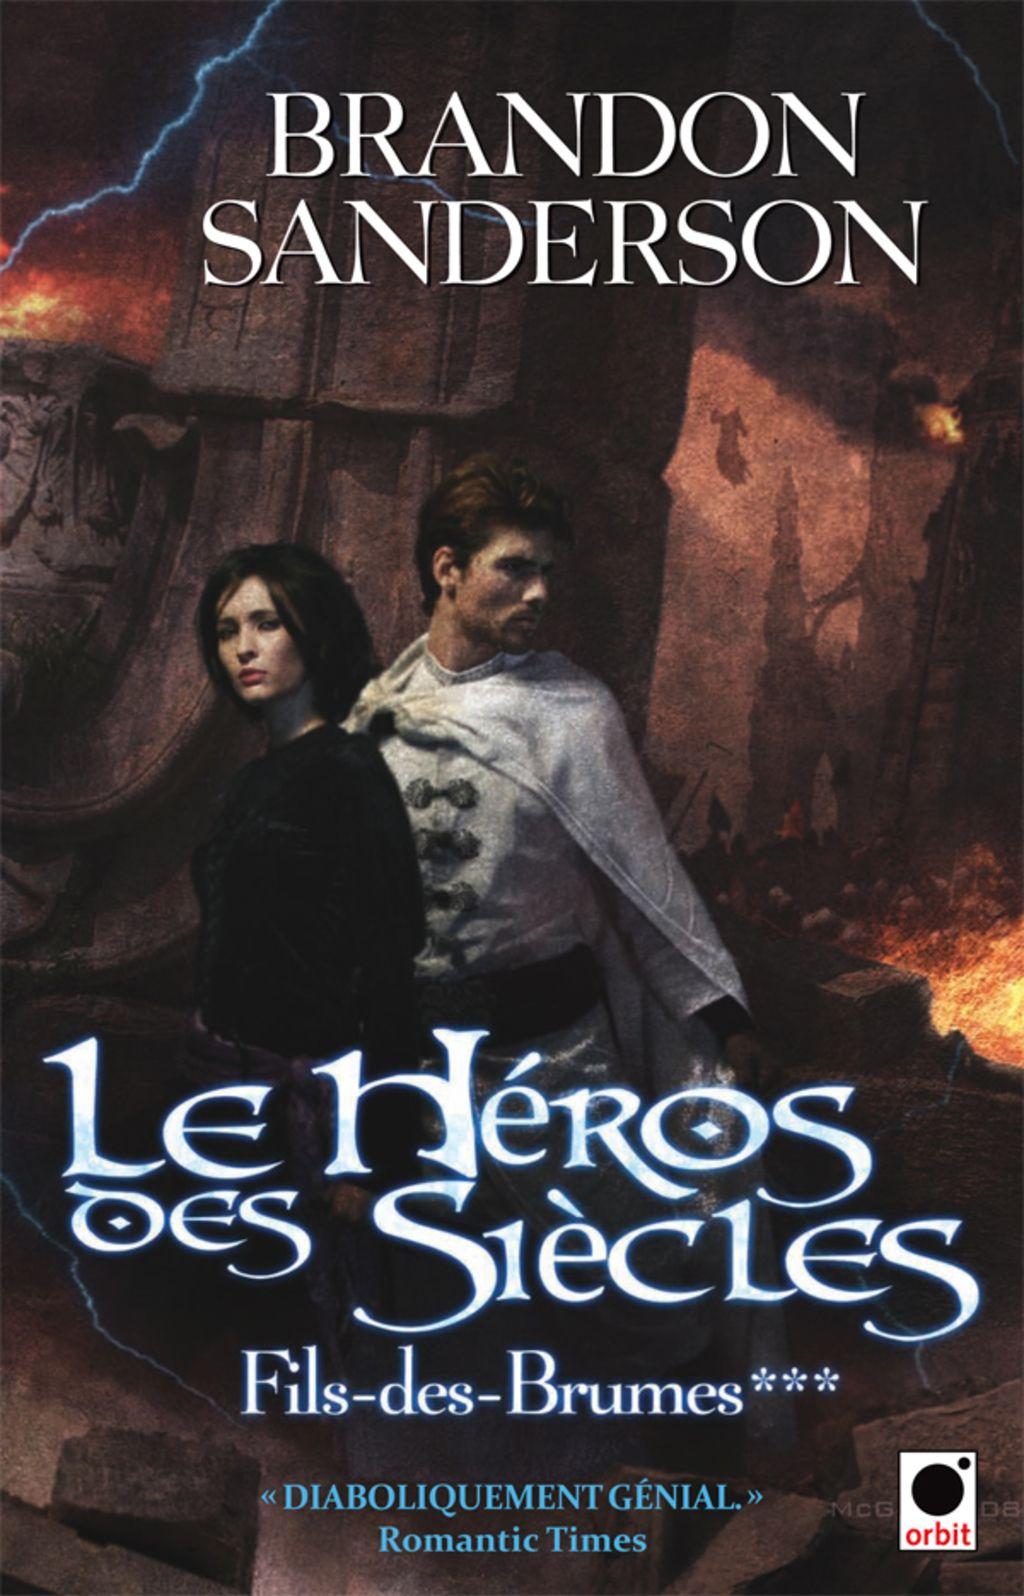 Le Héros des siècles (Filsdesbrumes***) (eBook